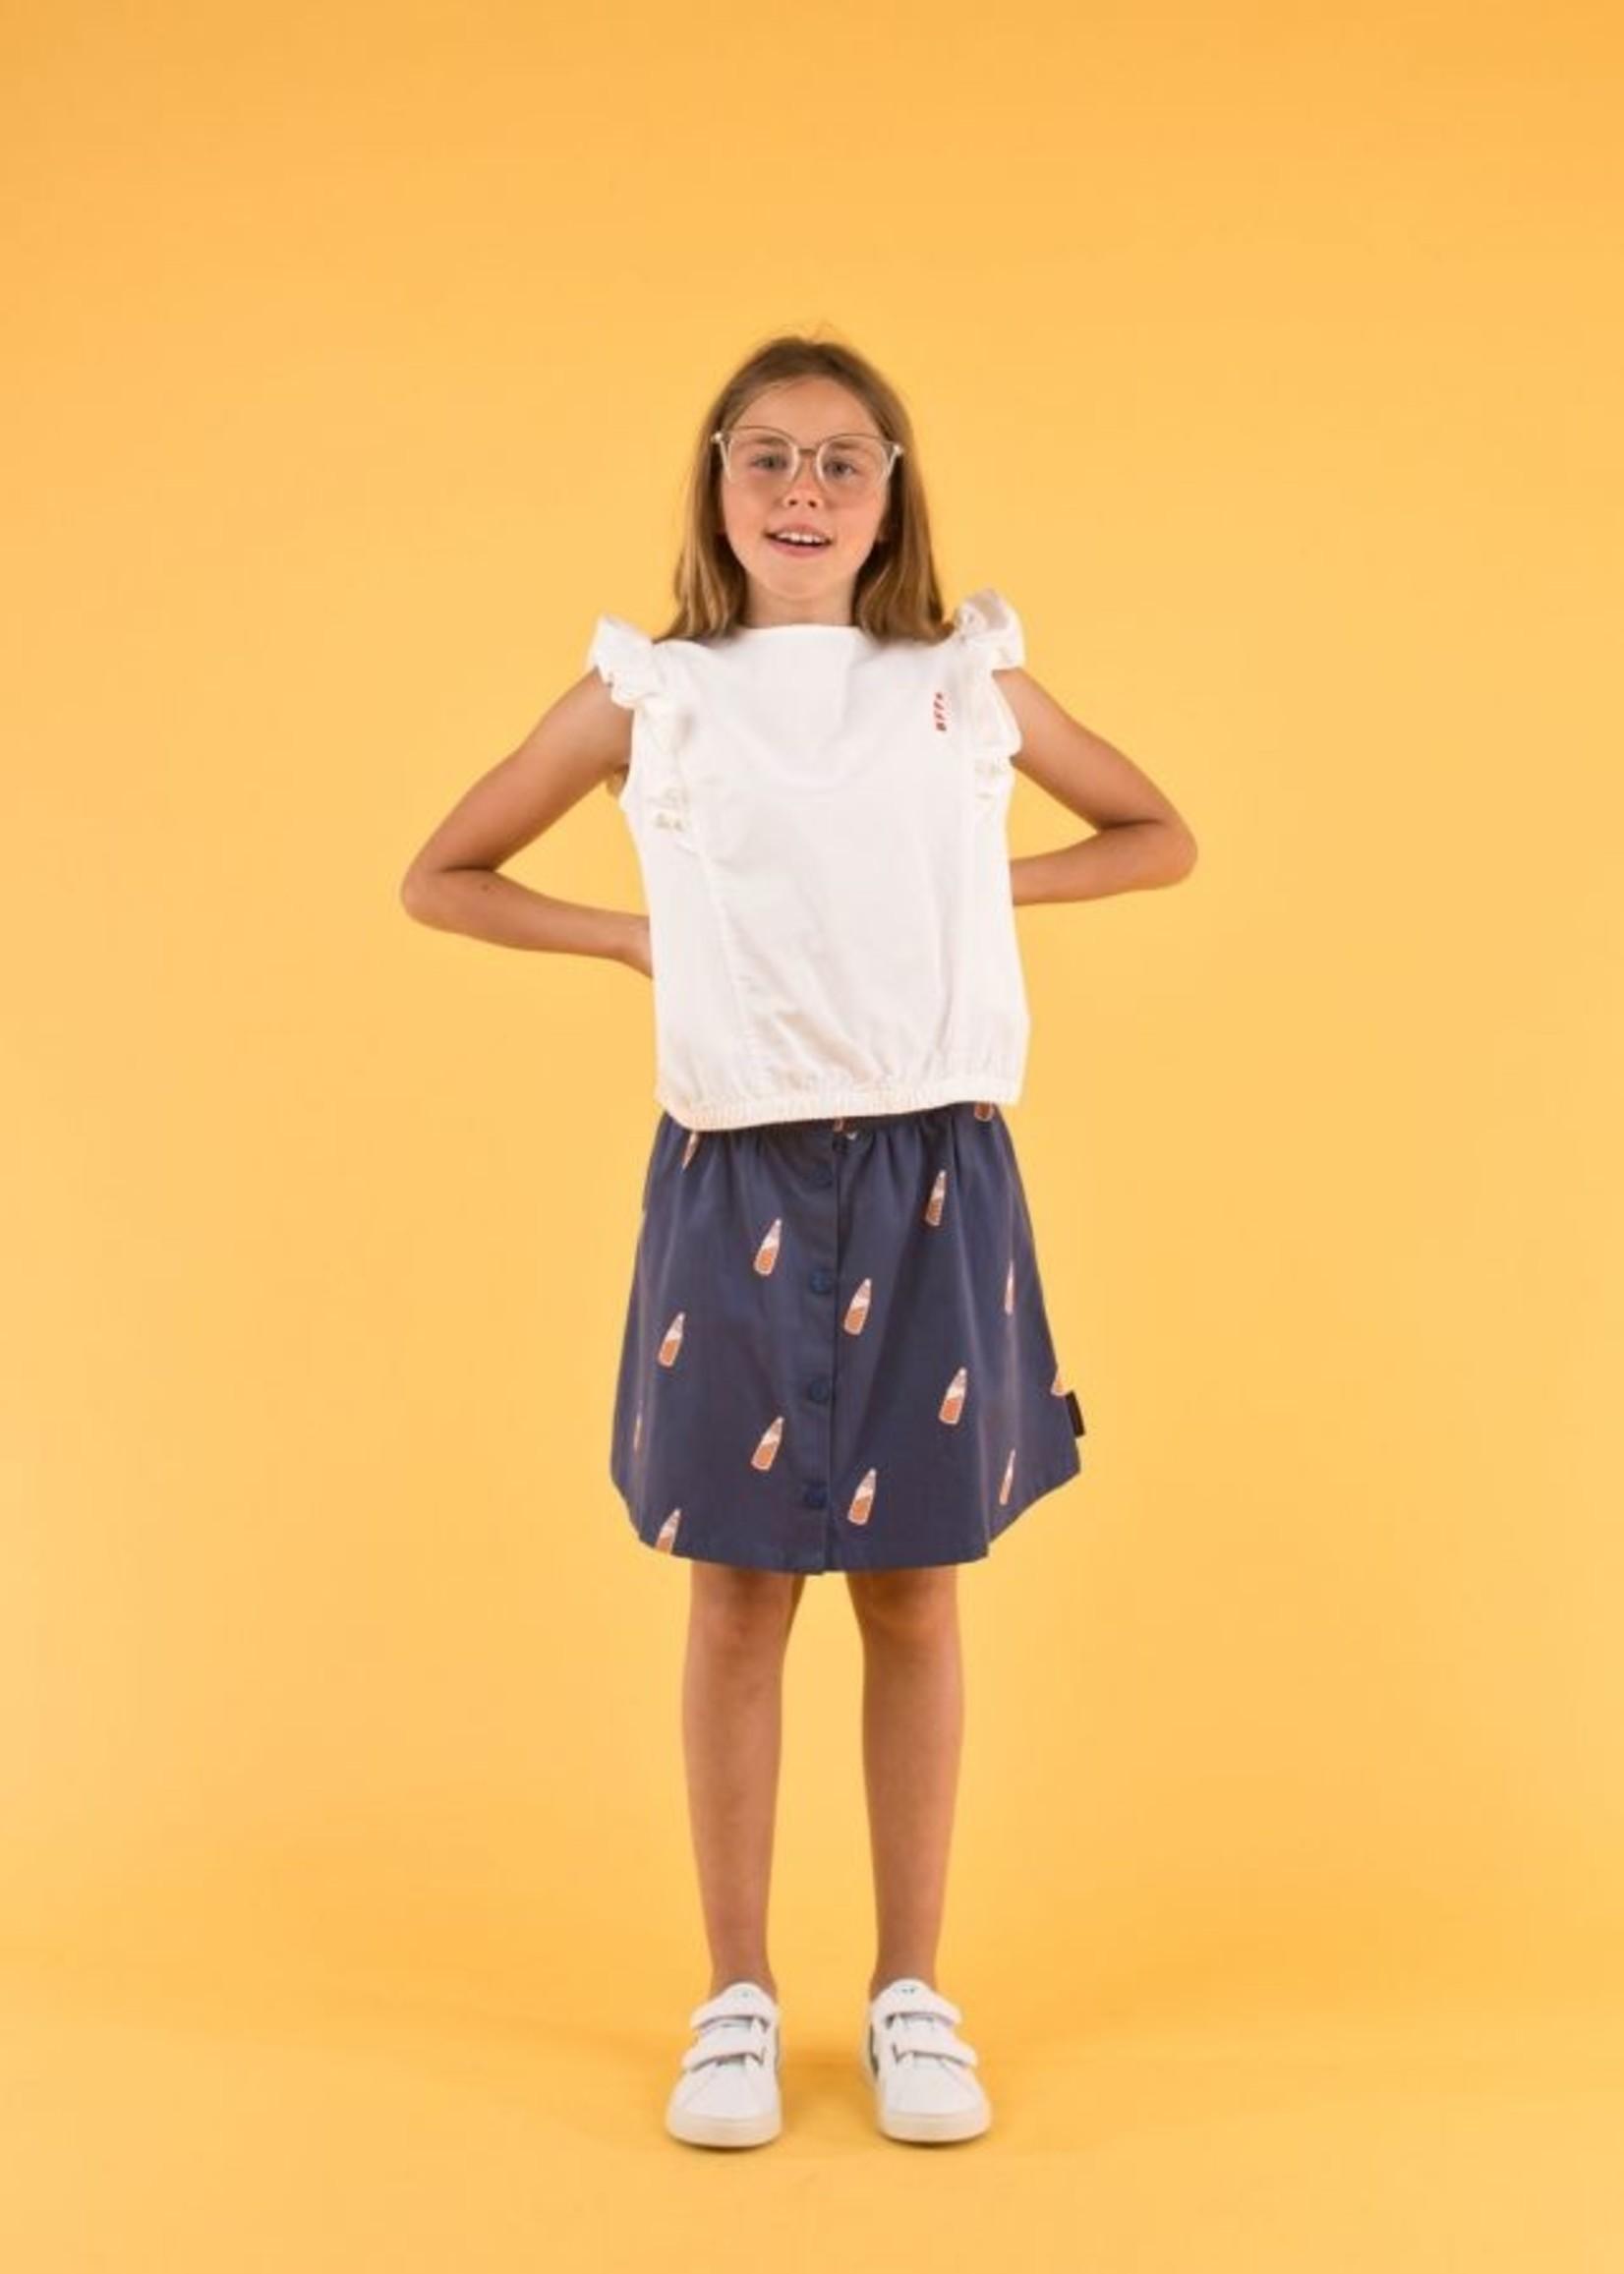 Tiny cottons Tiny Cottons Soda Bottles Skirt